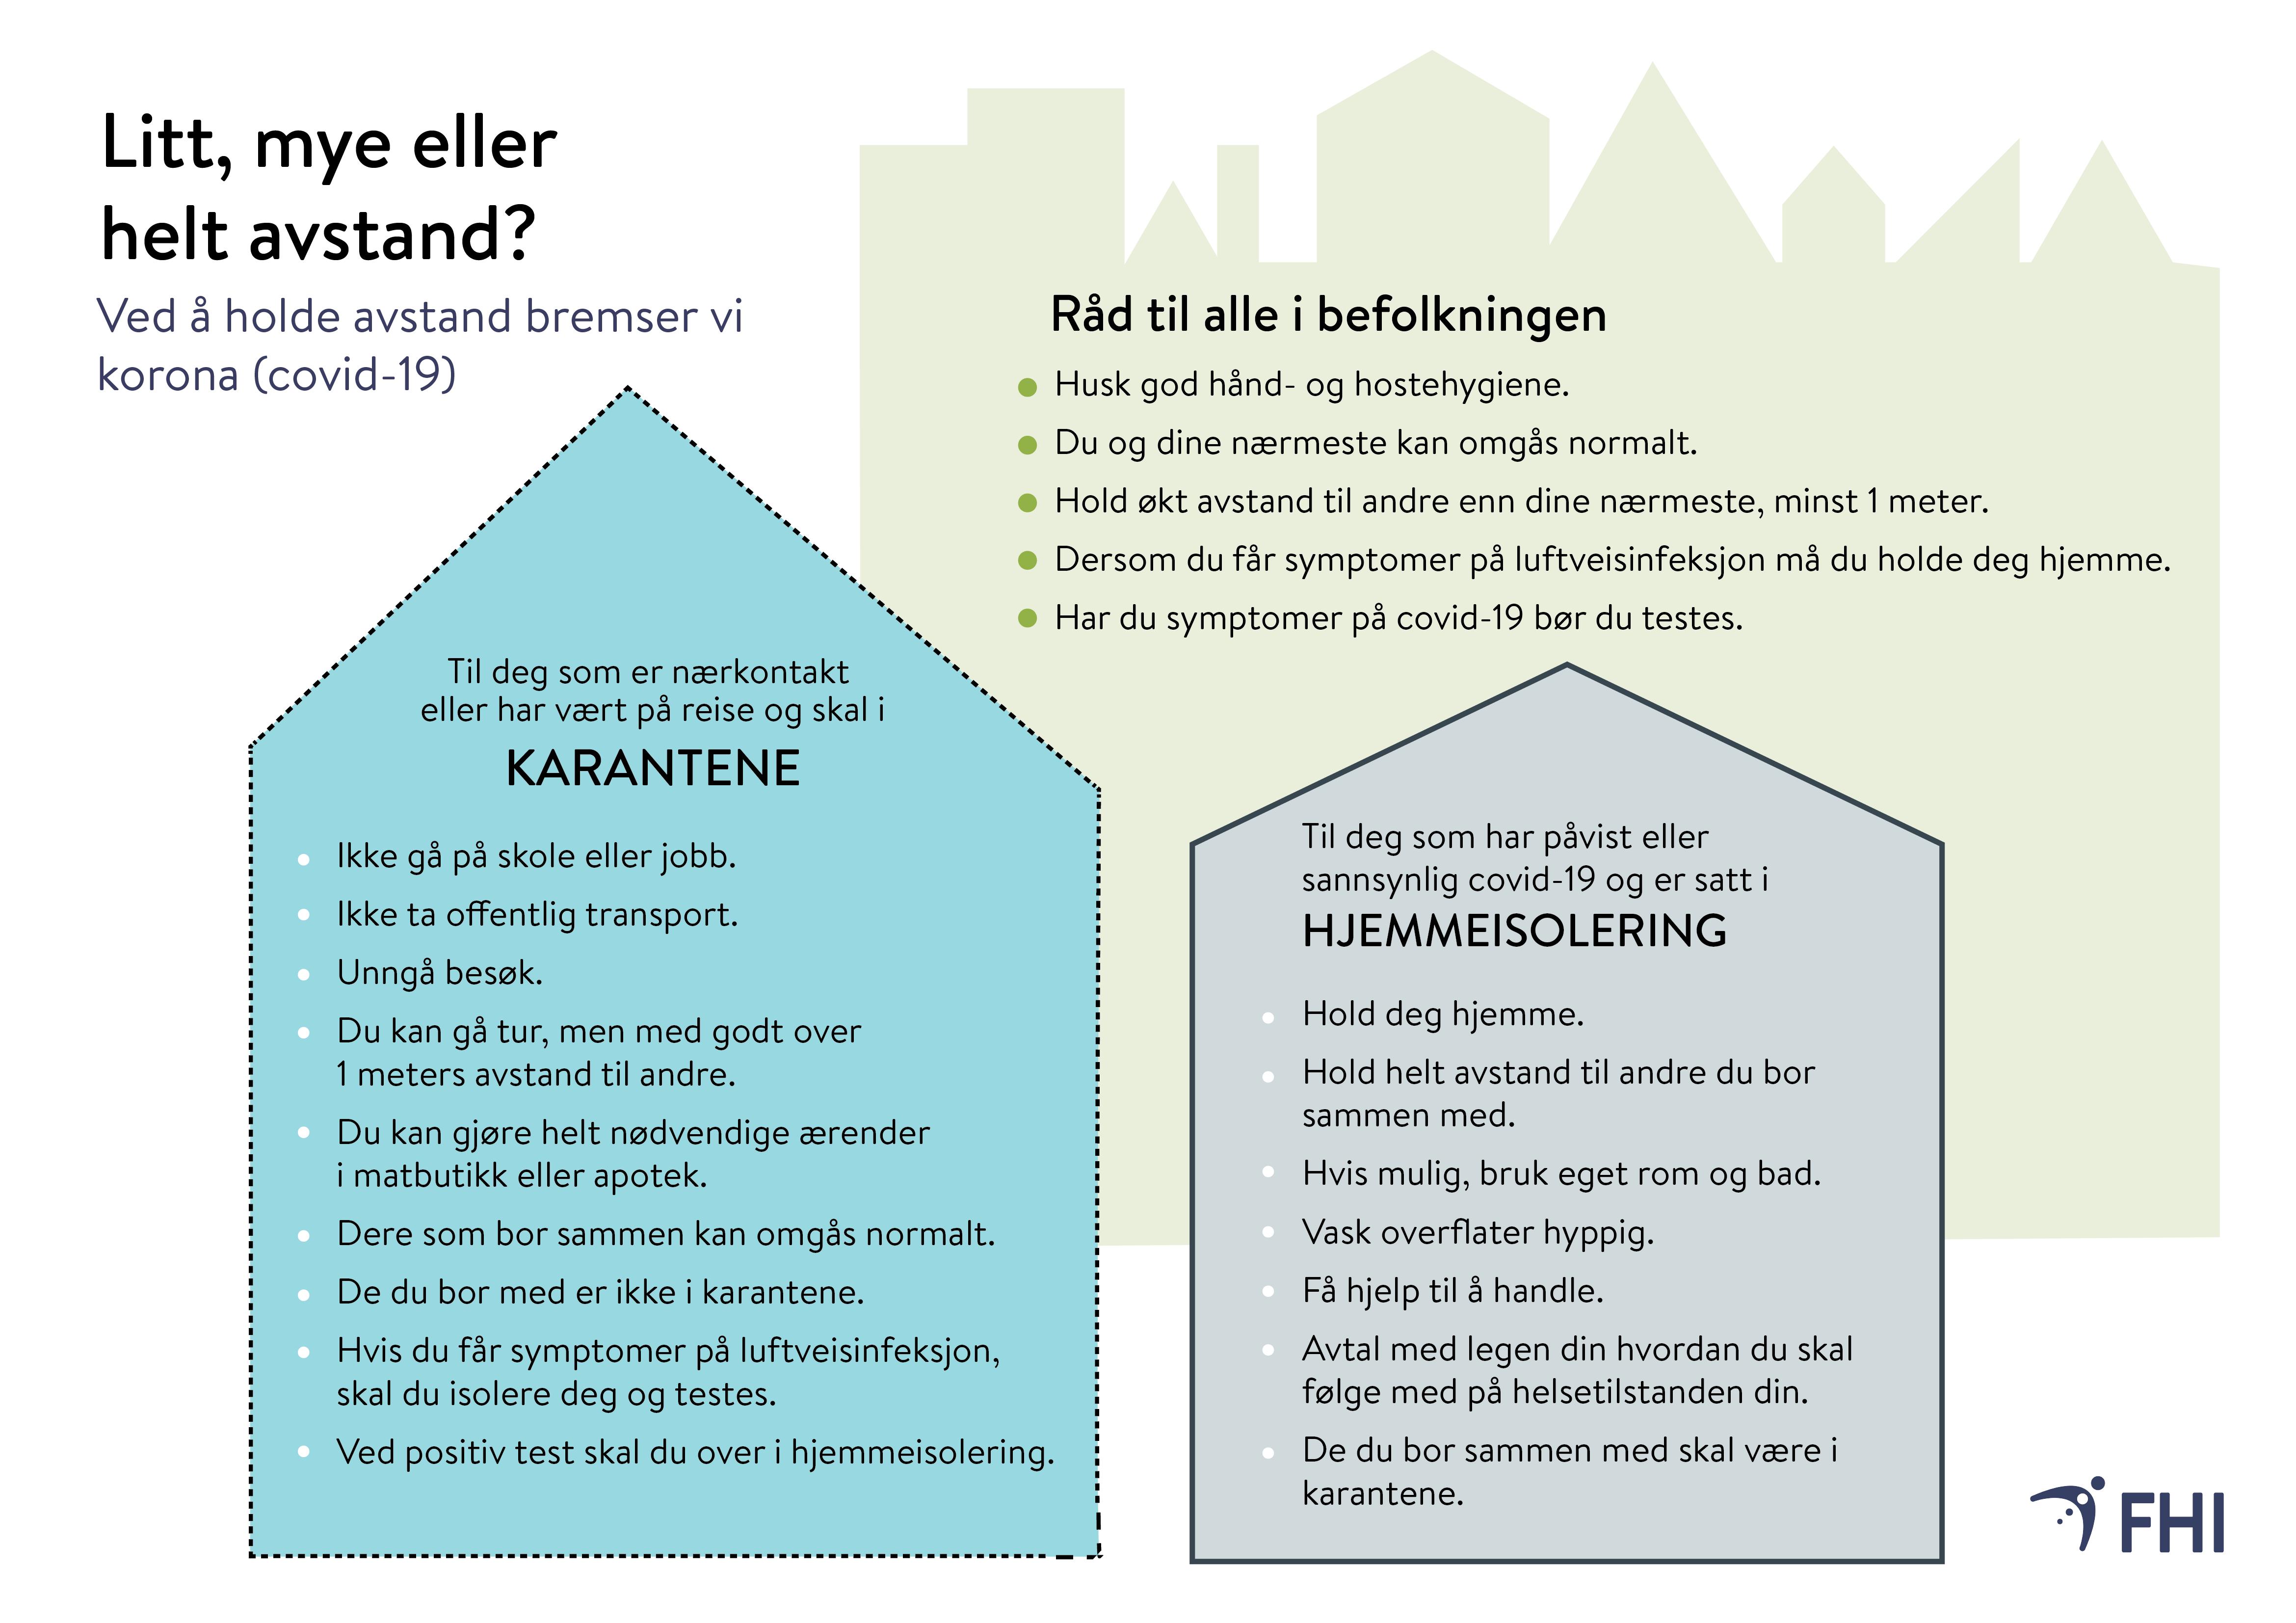 Illustrasjon av rådene for avstand, karantene og isolasjon